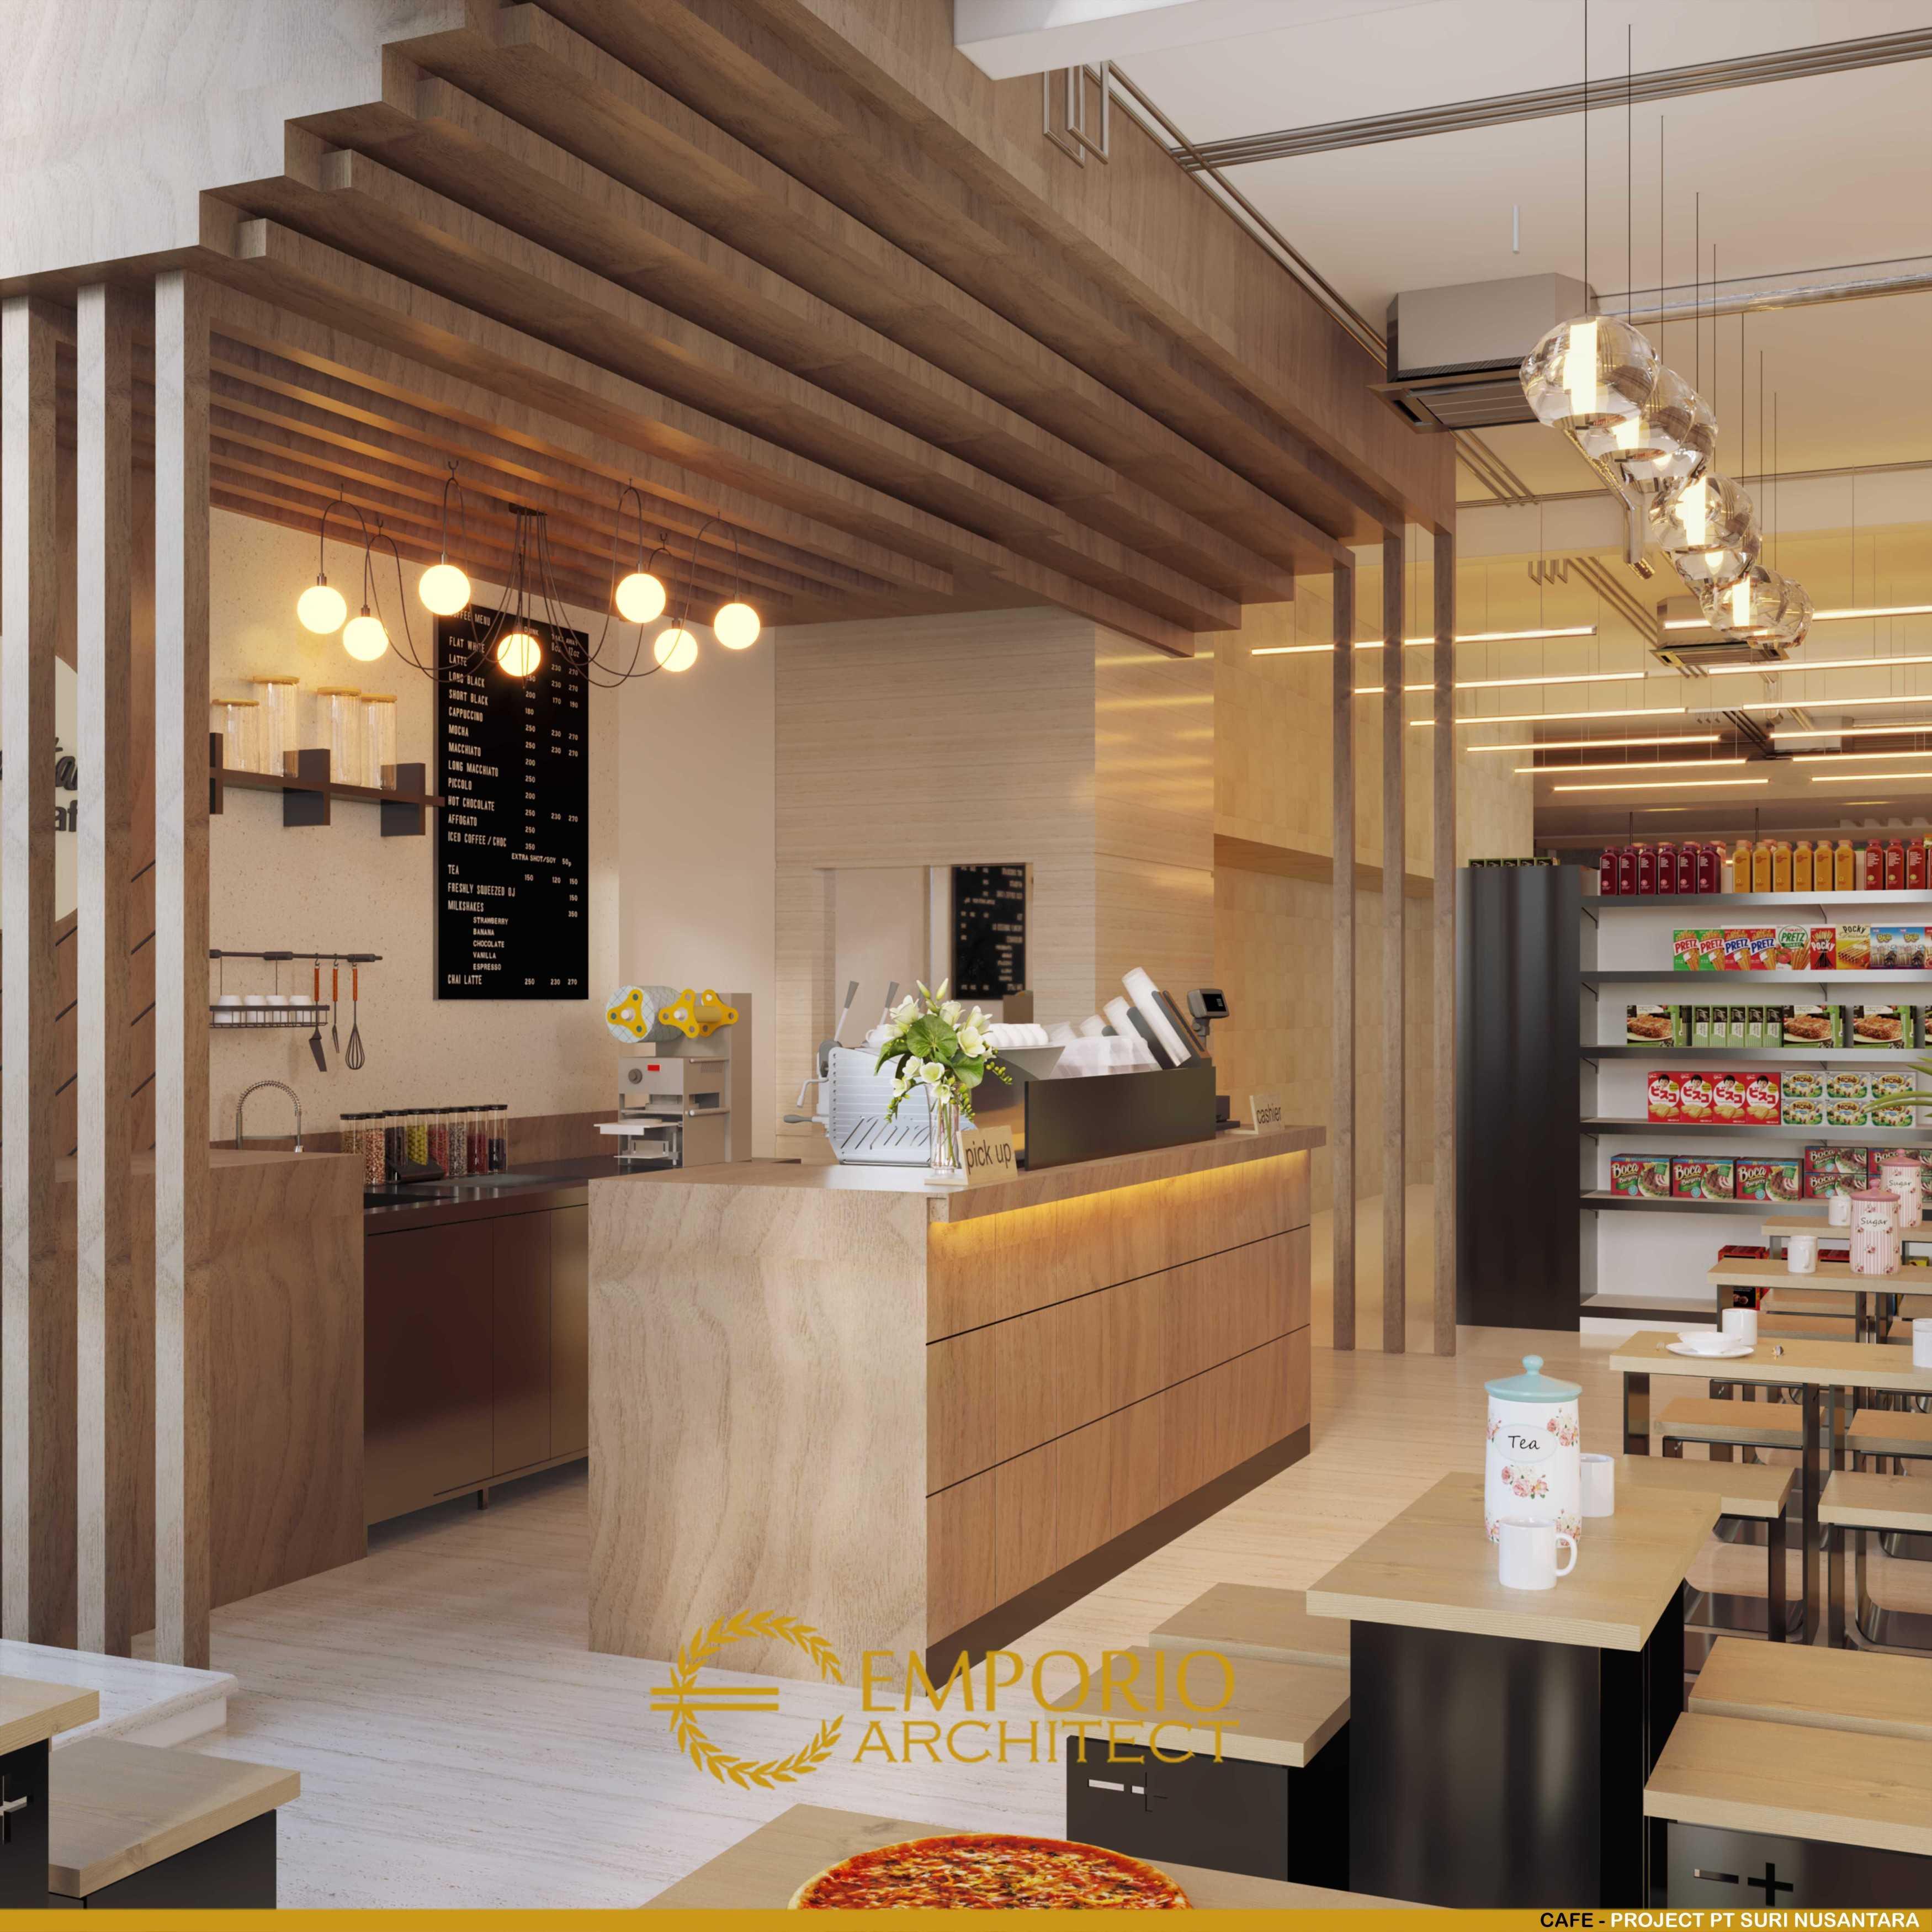 Emporio Architect Jasa Arsitek Bekasi Toko Daging Dan Kedai Steak Modern Tropis 725 @ Bekasi, Jawa Bekasi, Kota Bks, Jawa Barat, Indonesia Bekasi, Kota Bks, Jawa Barat, Indonesia Emporio-Architect-Jasa-Arsitek-Bekasi-Toko-Daging-Dan-Kedai-Steak-Modern-Tropis-725-Bekasi-Jawa   84920